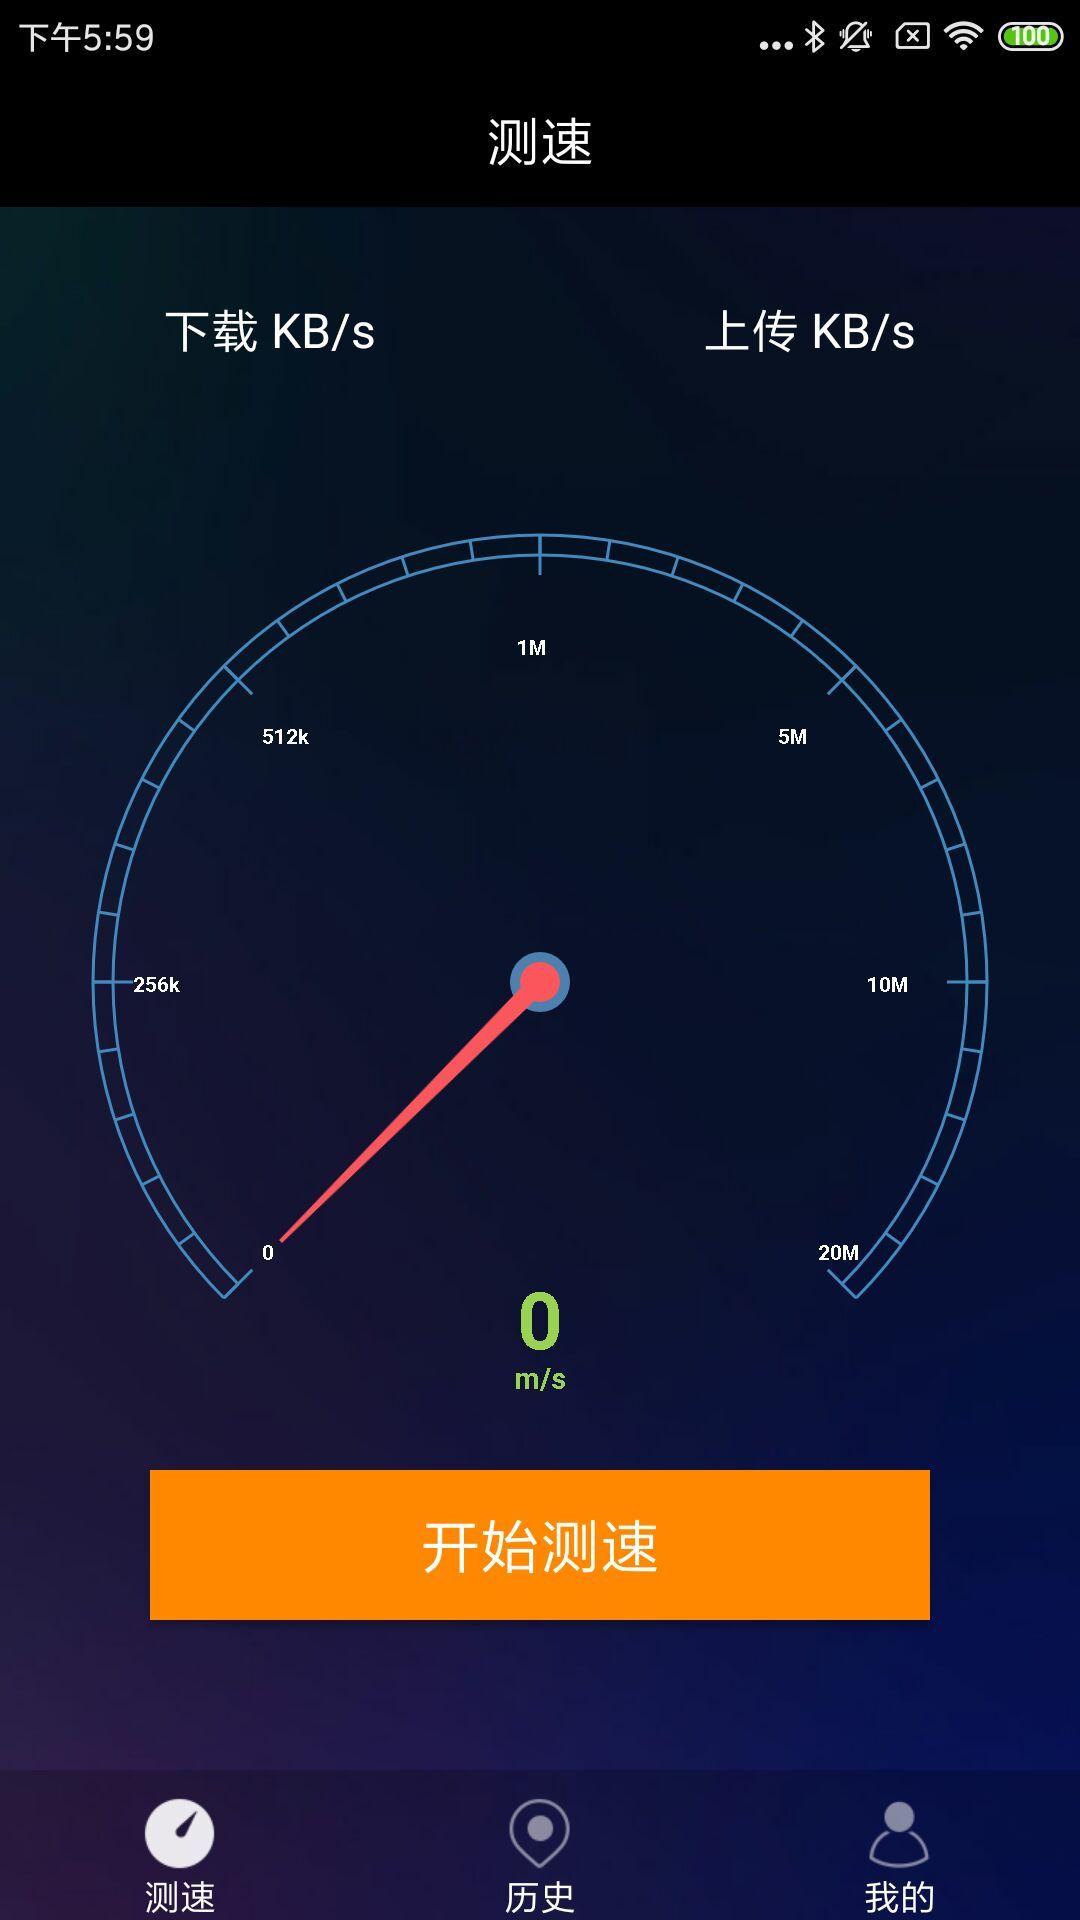 网络测速助手app图1